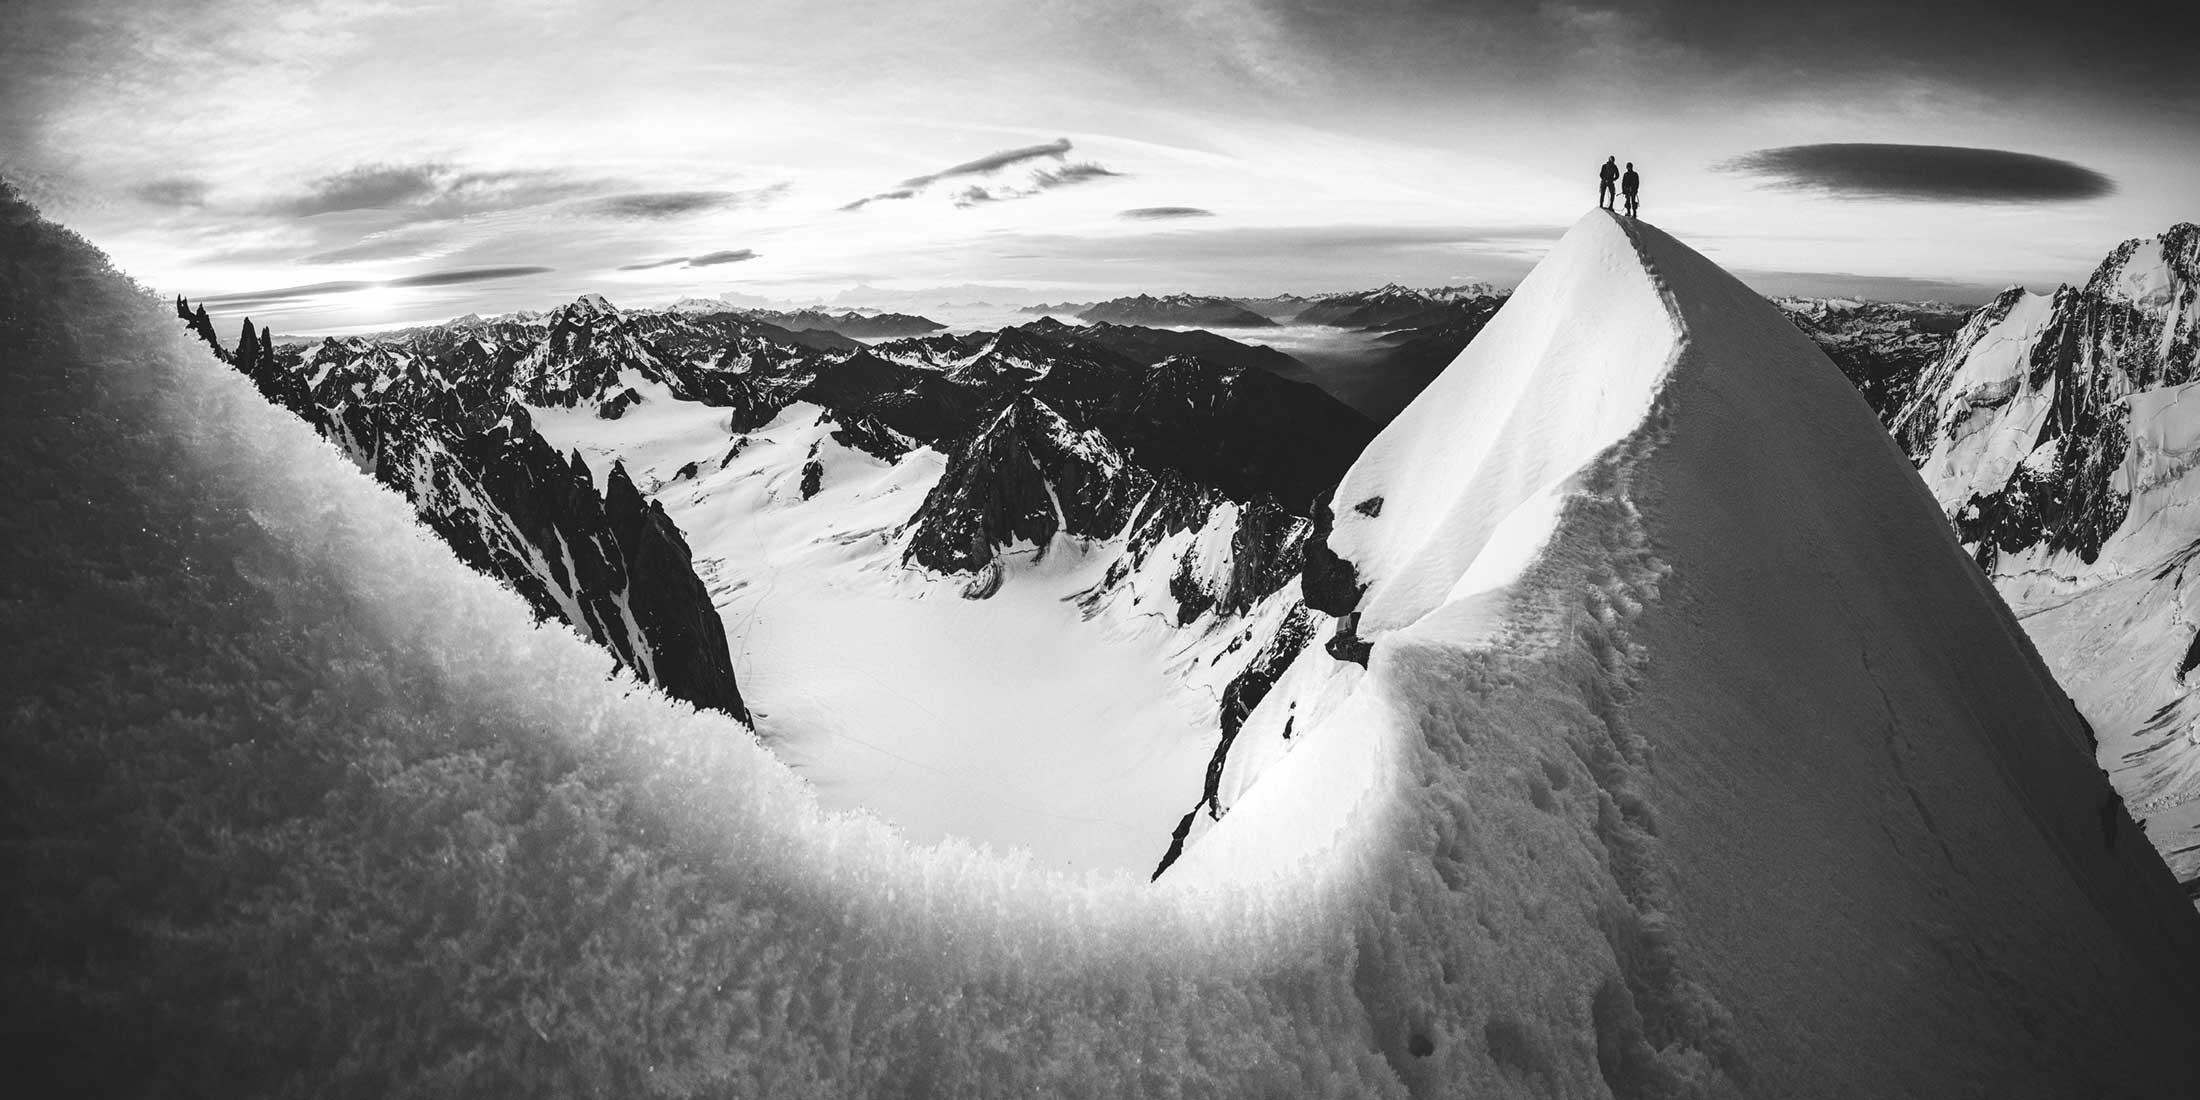 Photo panoramique en noir et blanc de l'Arête Kuffner dans le Massif du Mont-Blanc